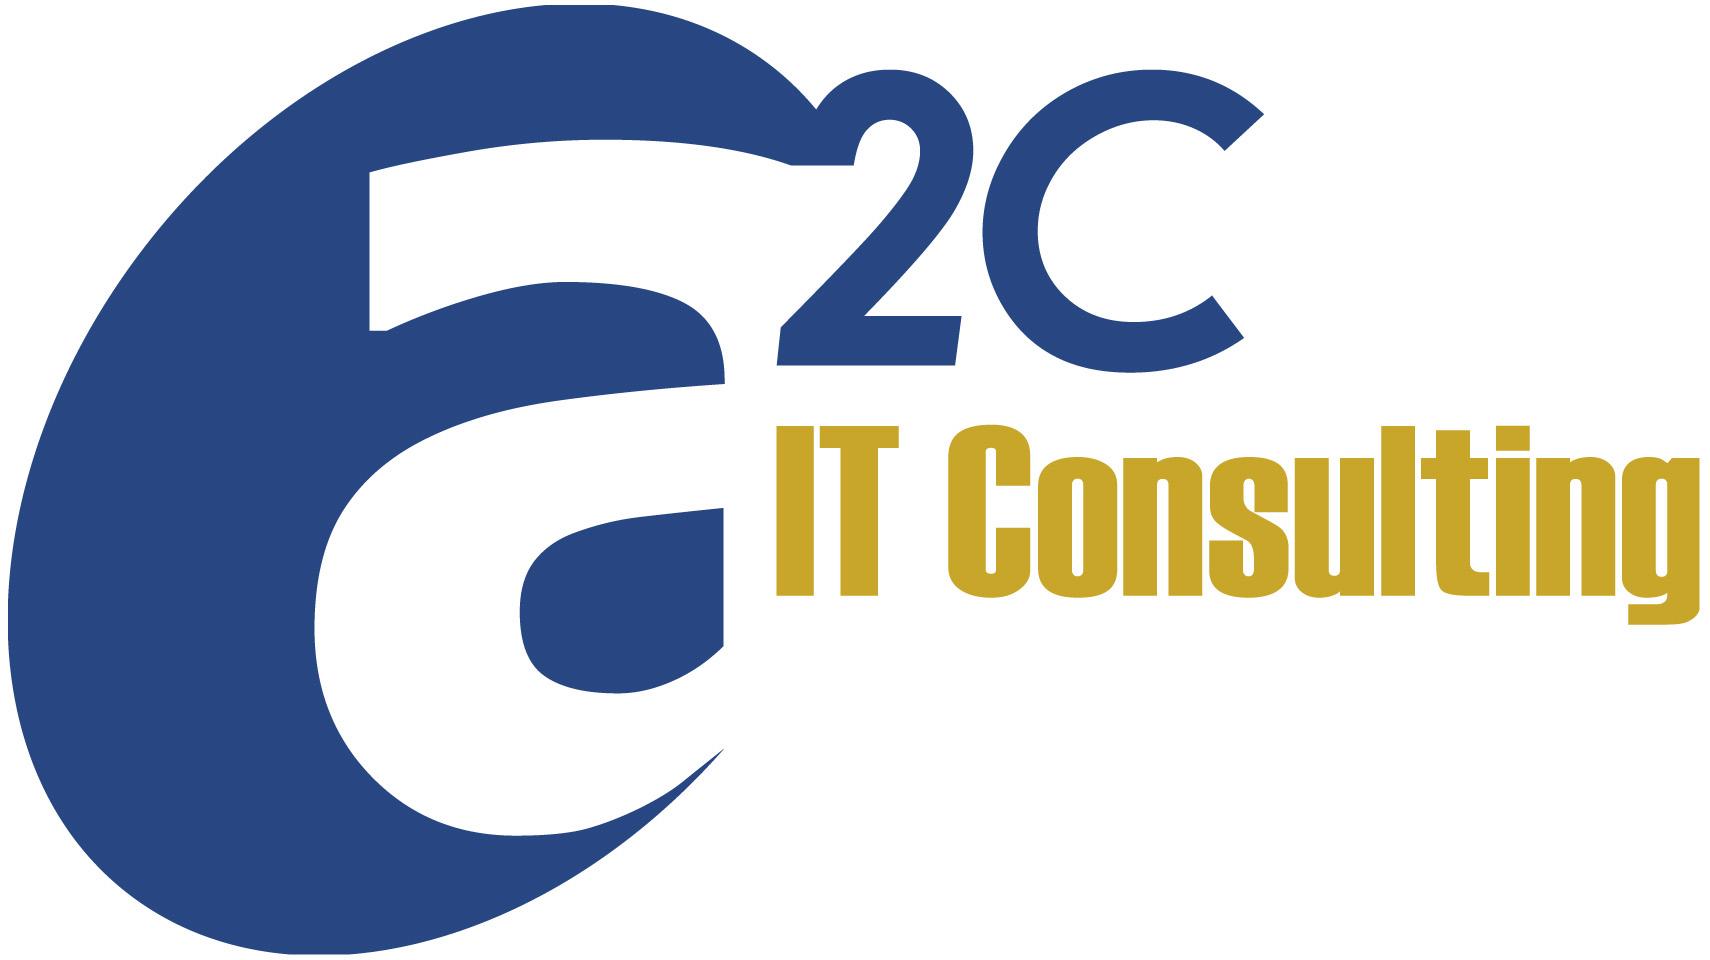 A2C I.T. Consulting Profilo Aziendale